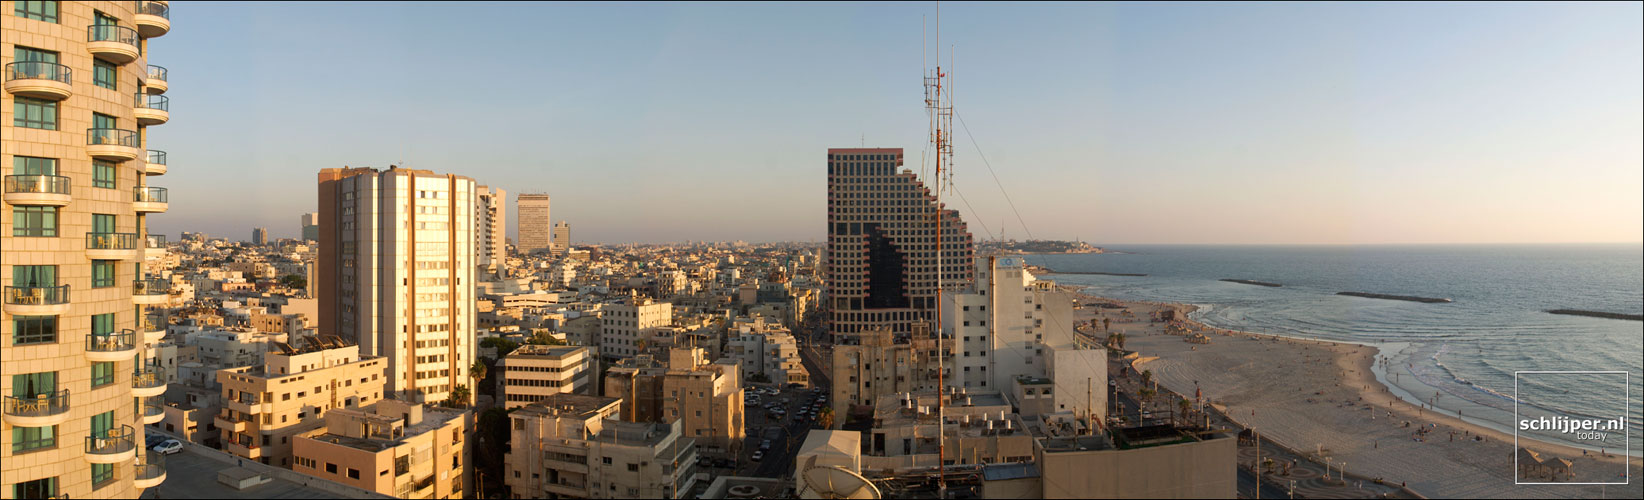 Israel, Tel Aviv, 16 juli 2003